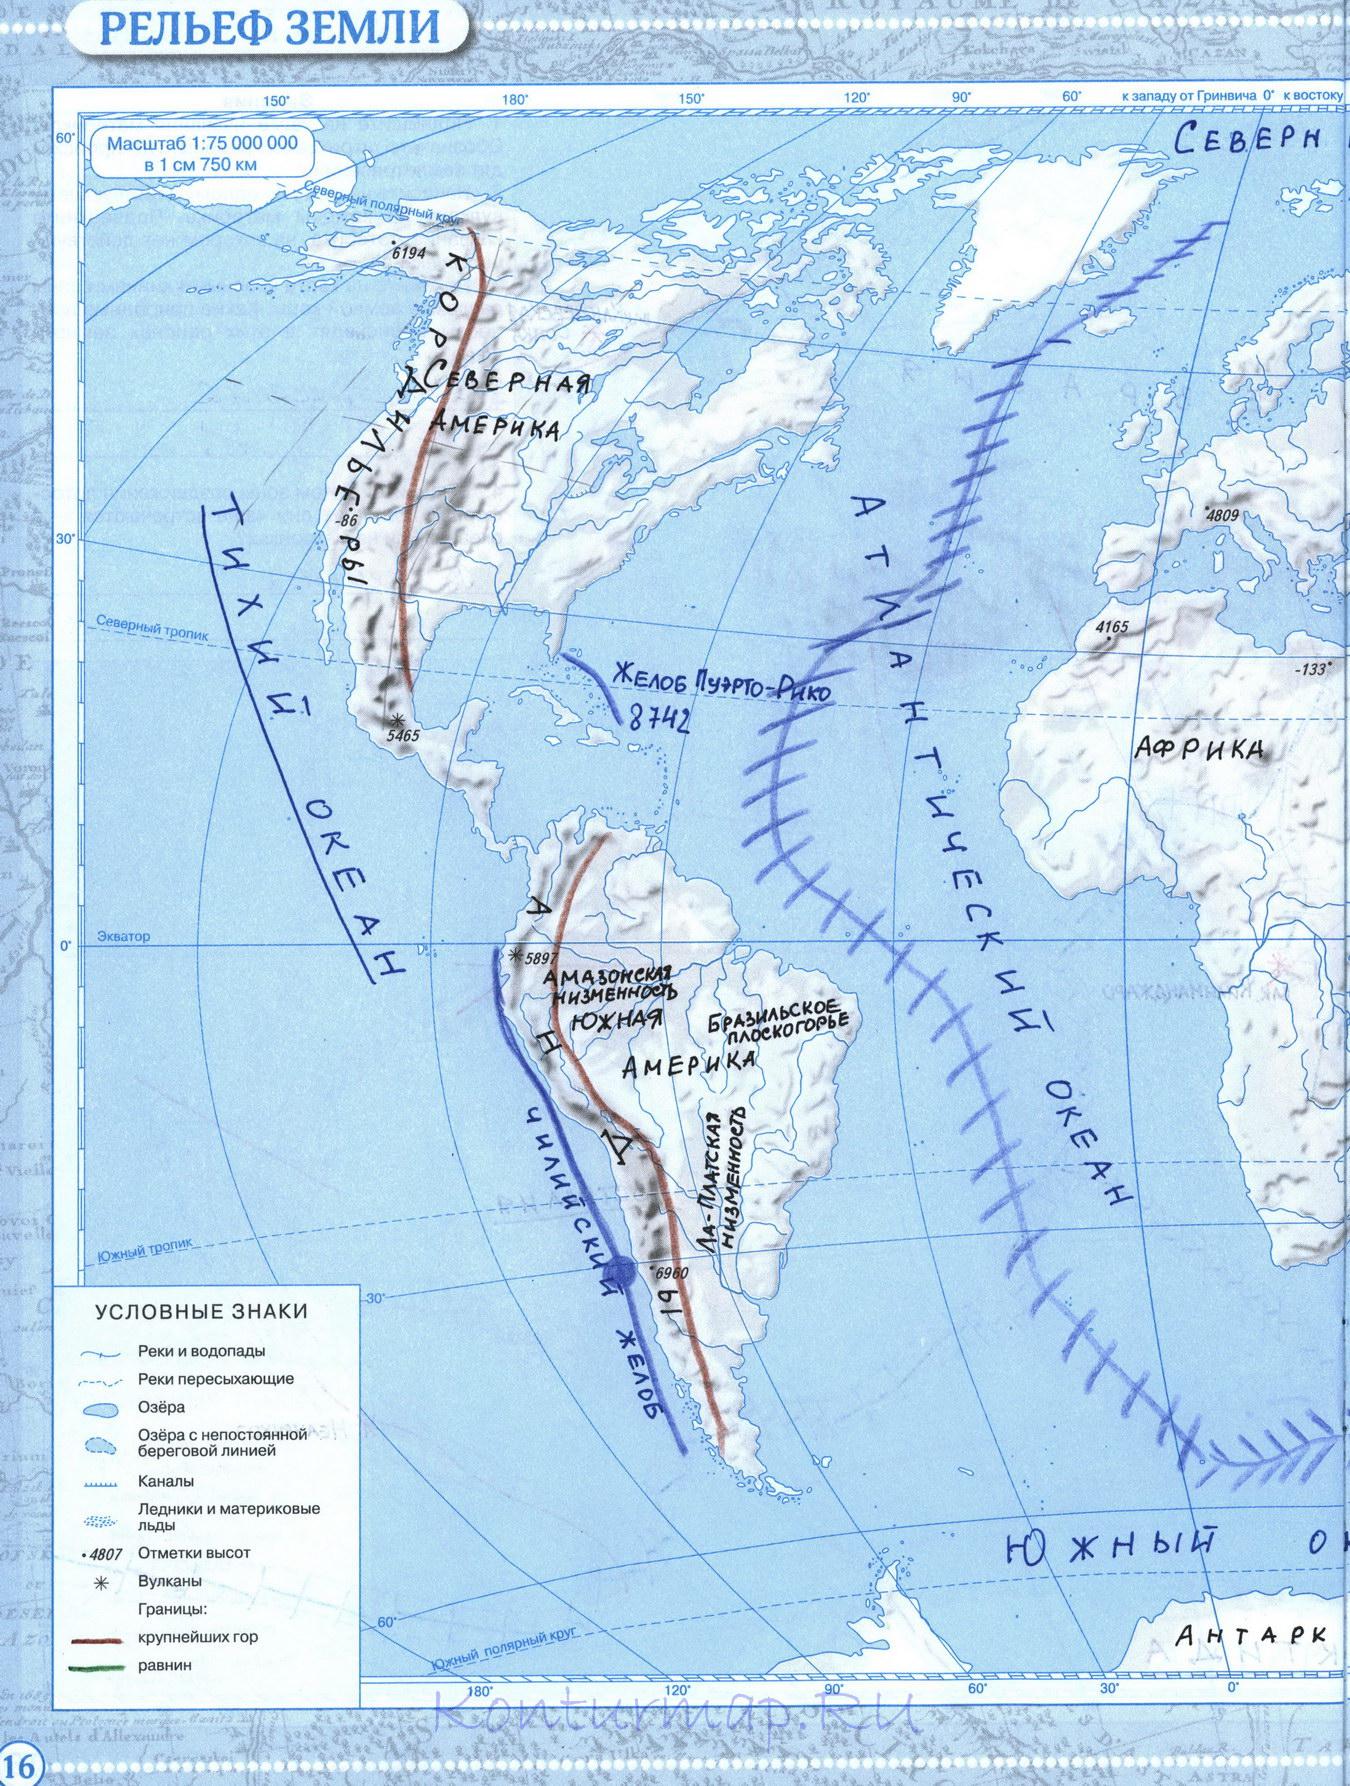 Решебник по контурной карте начальный курс географии 2018 год галай